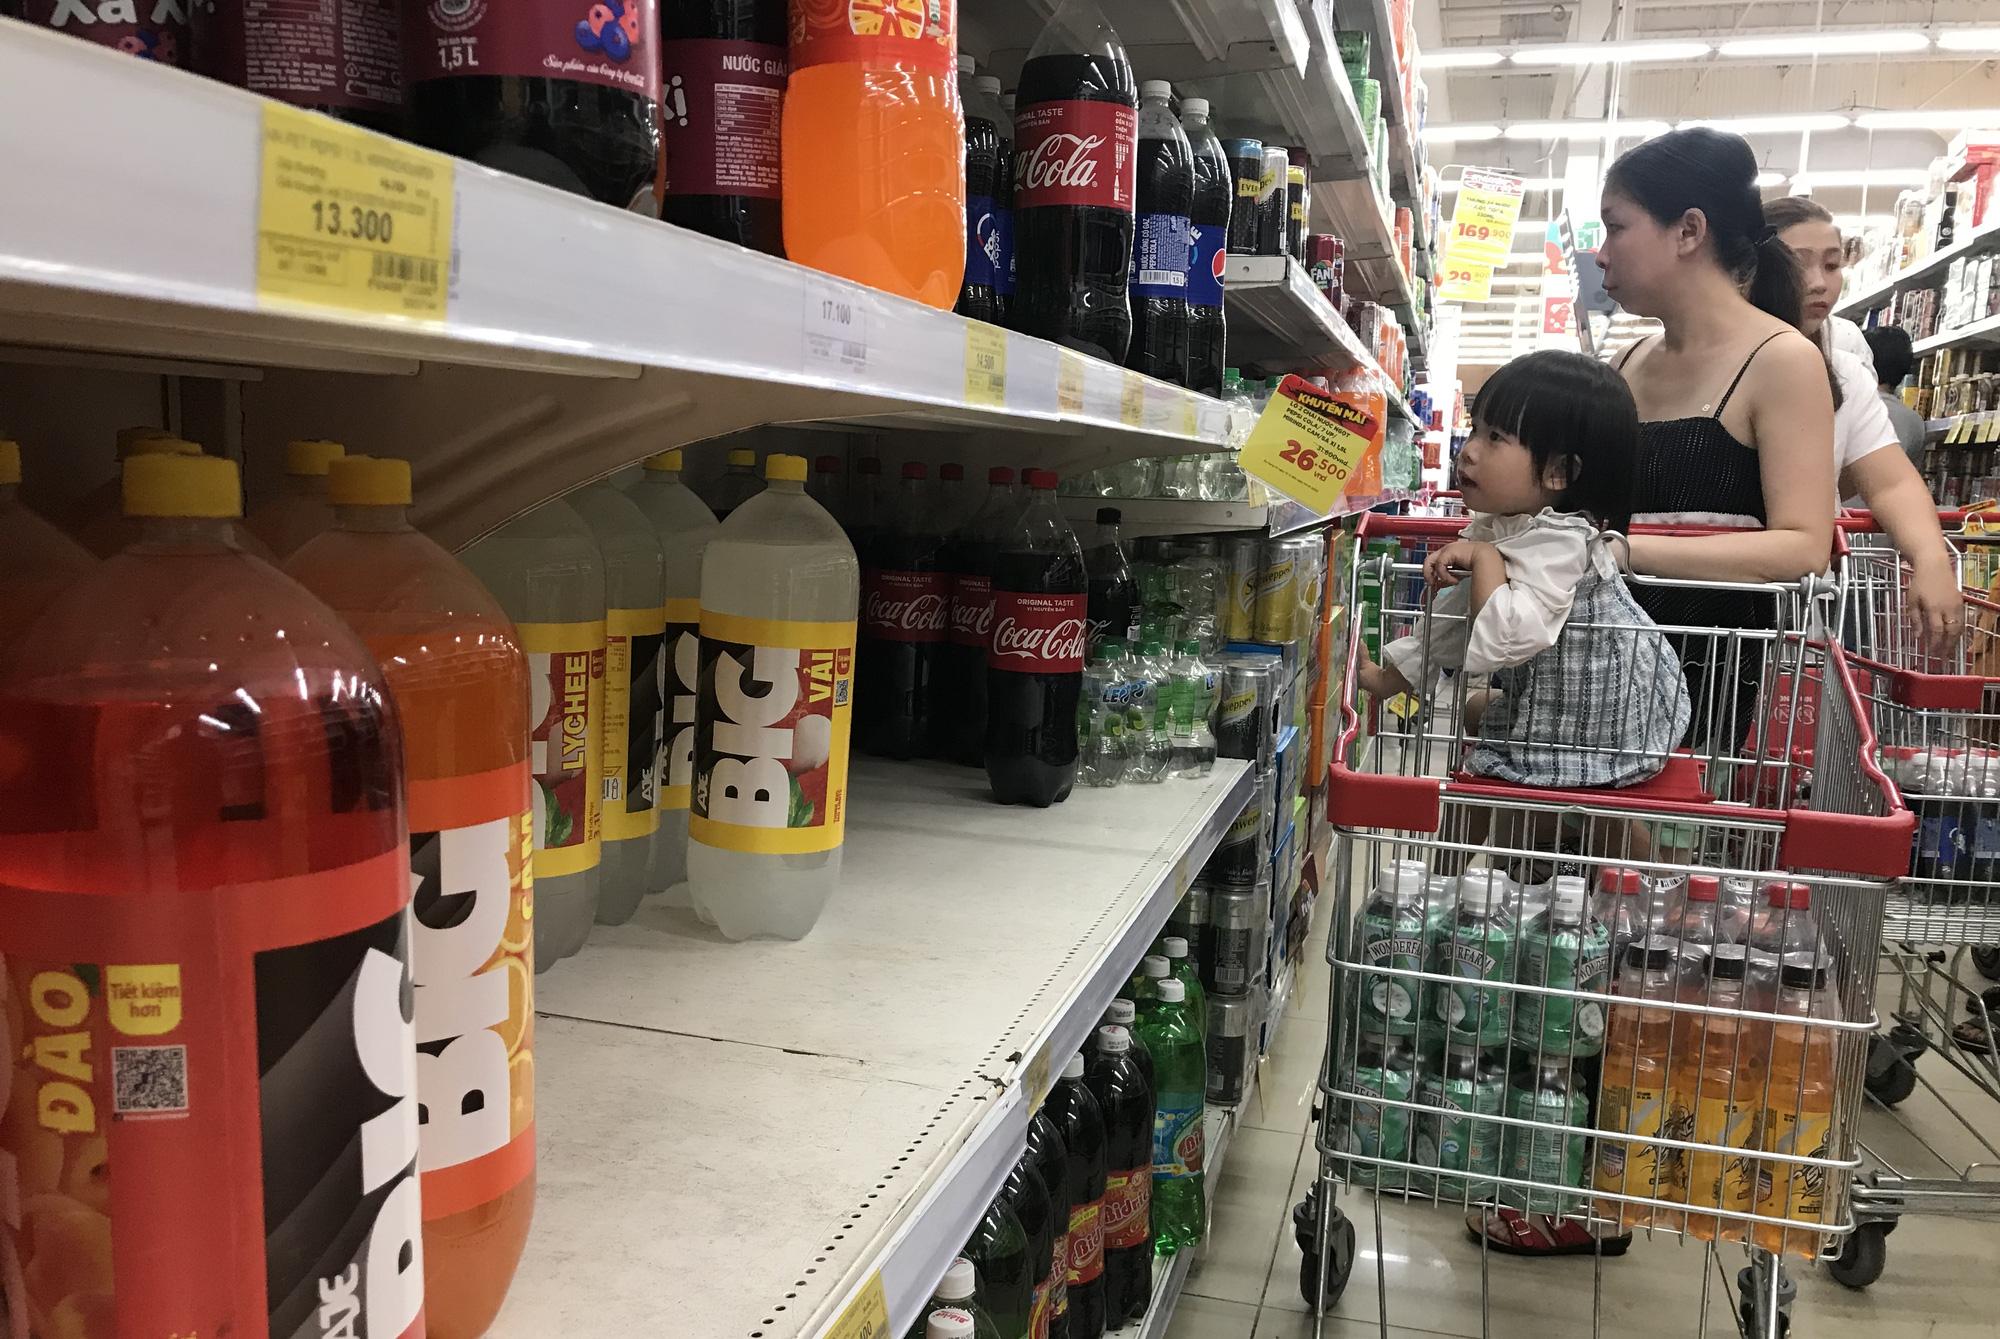 26 Tết, bia tại siêu thị còn ê hề, đại lí giảm giá vì dân nhậu 'ớn' Nghị định 100,  - Ảnh 4.